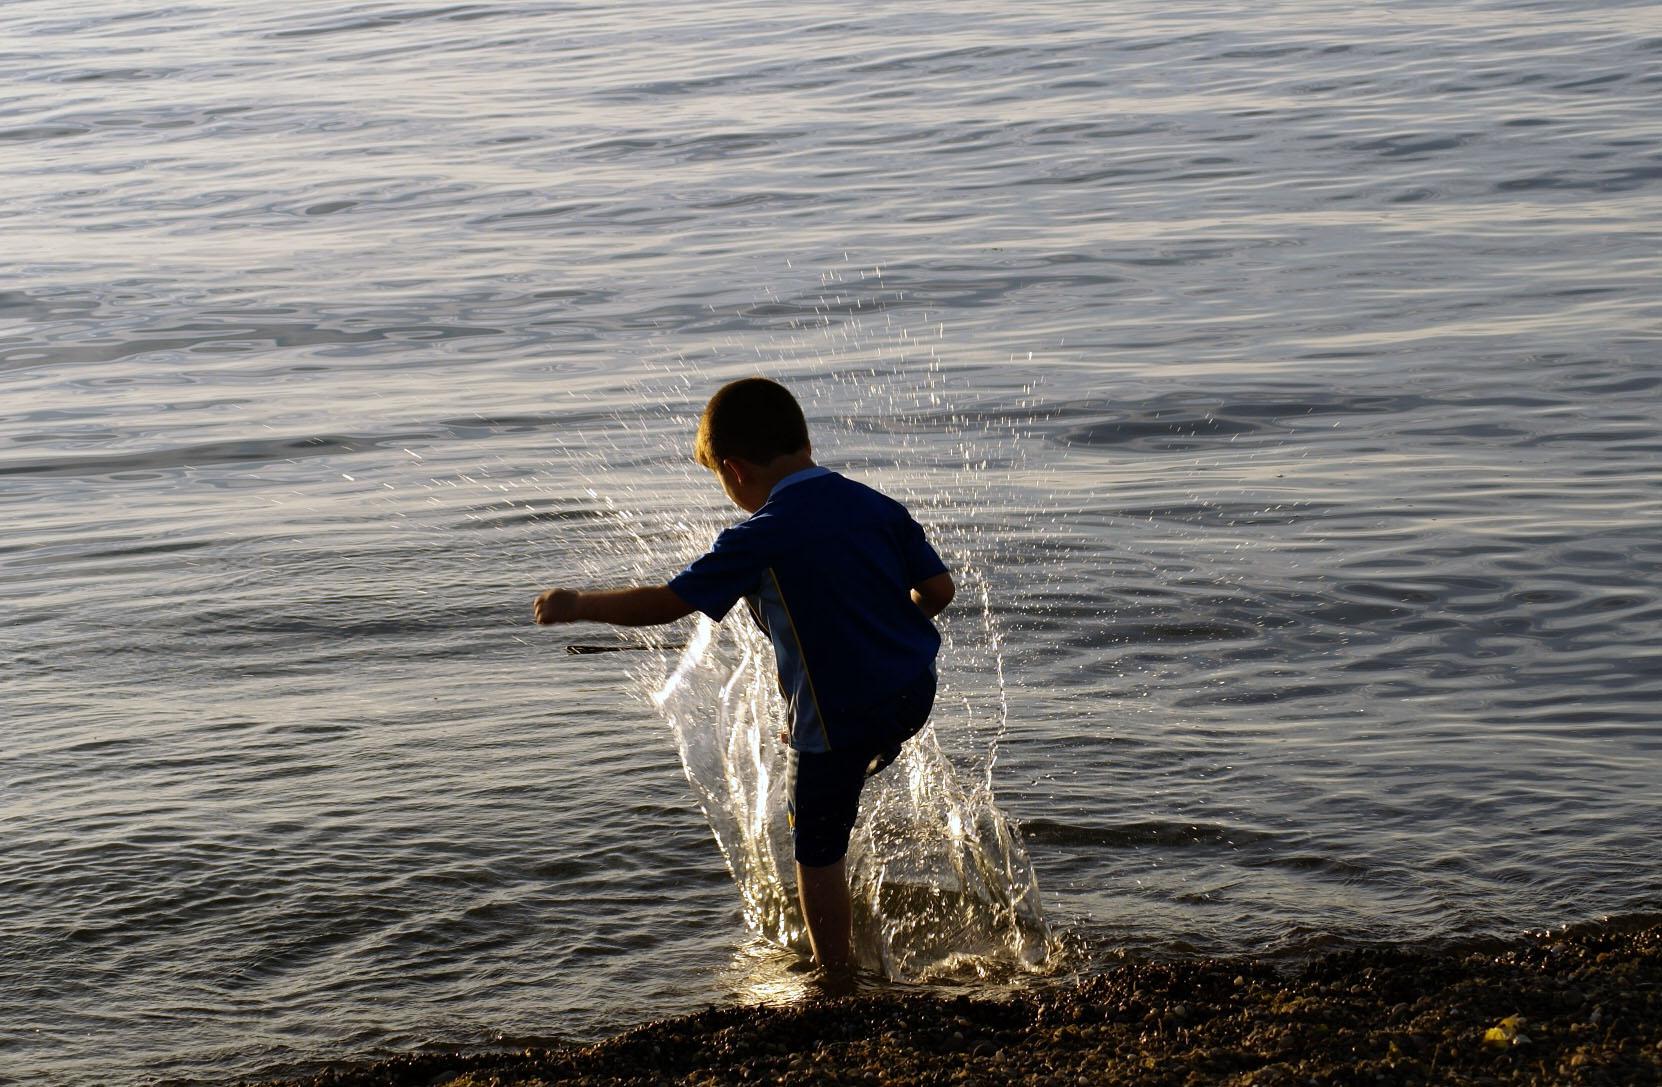 K_Brewer-Child play at Walnut Beach